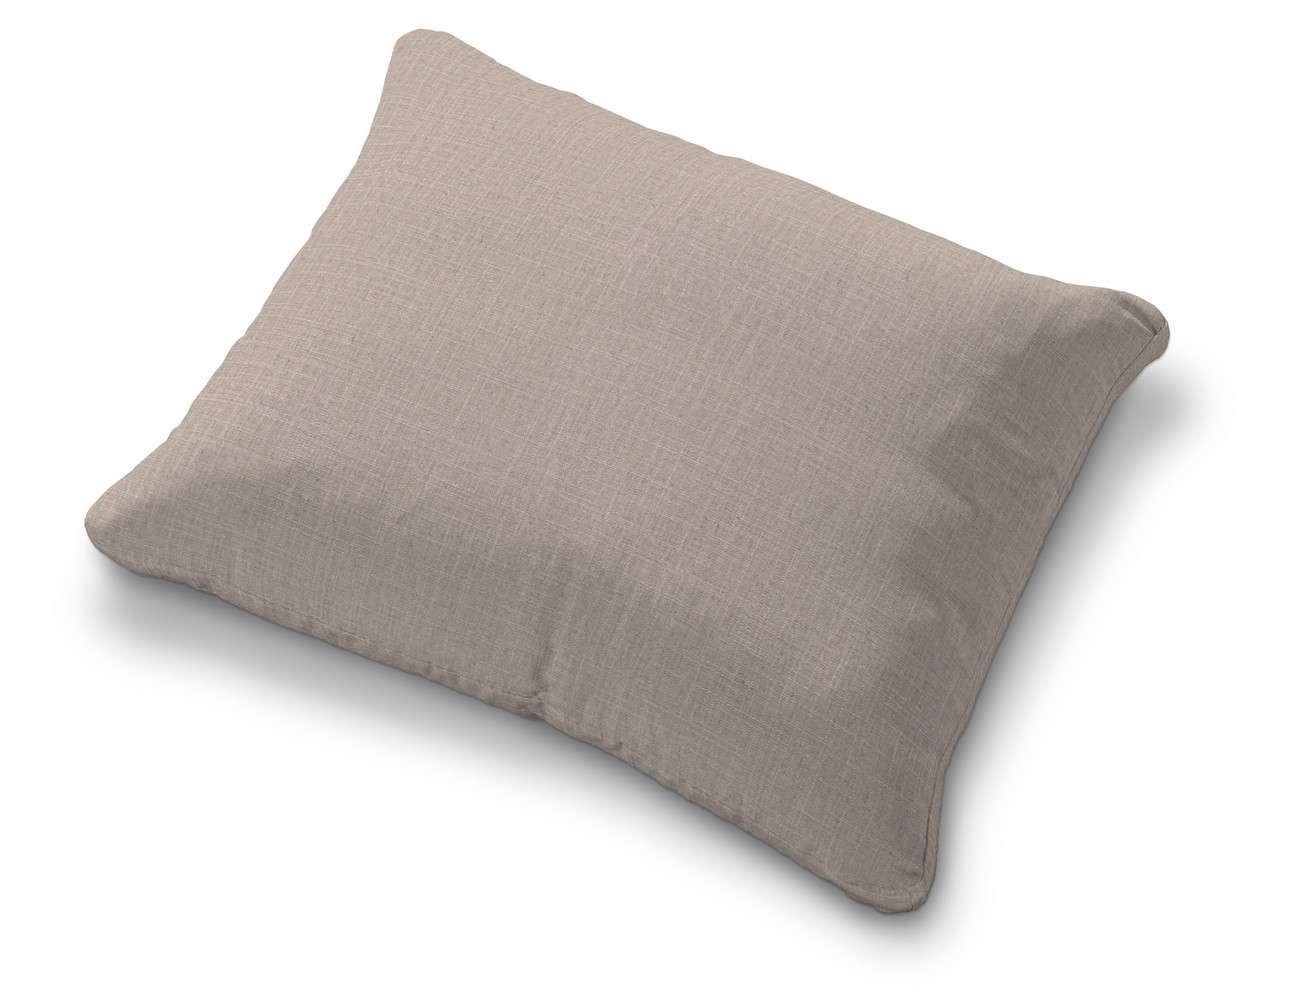 Poszewka na poduszkę Karlstad 58x48cm w kolekcji Living, tkanina: 160-85